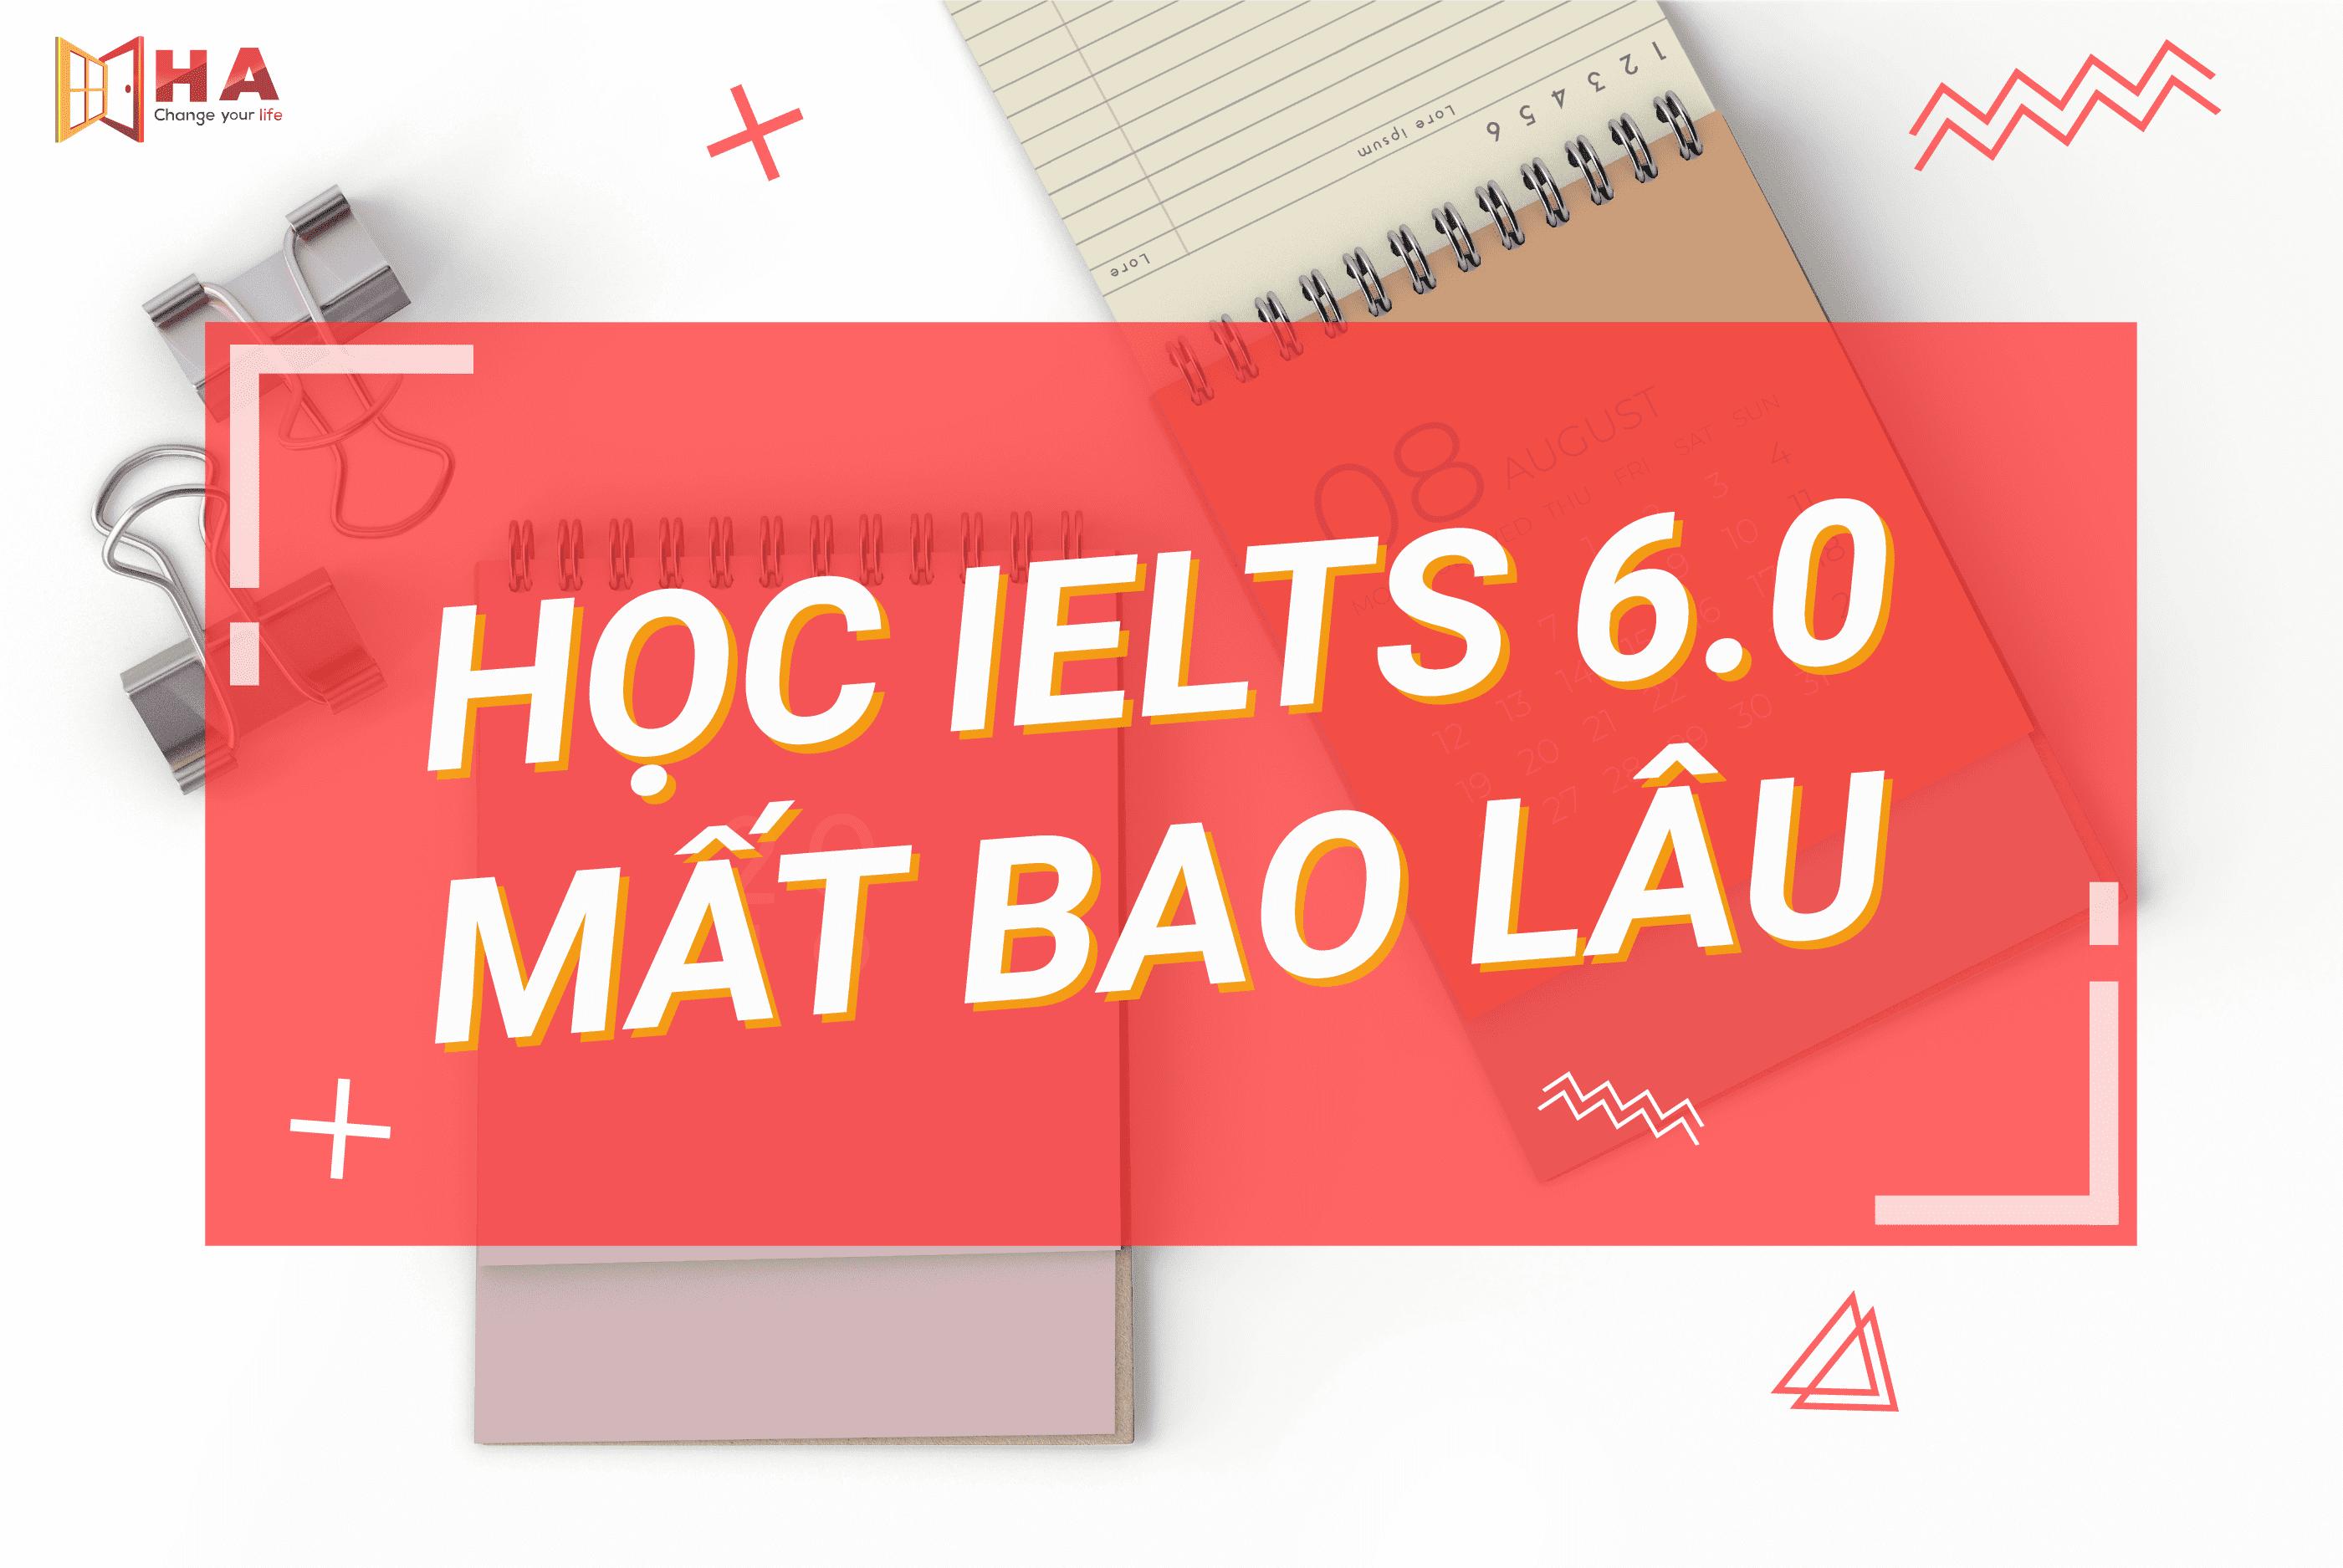 Học IELTS 6.0 mất bao lâu - HA Centre